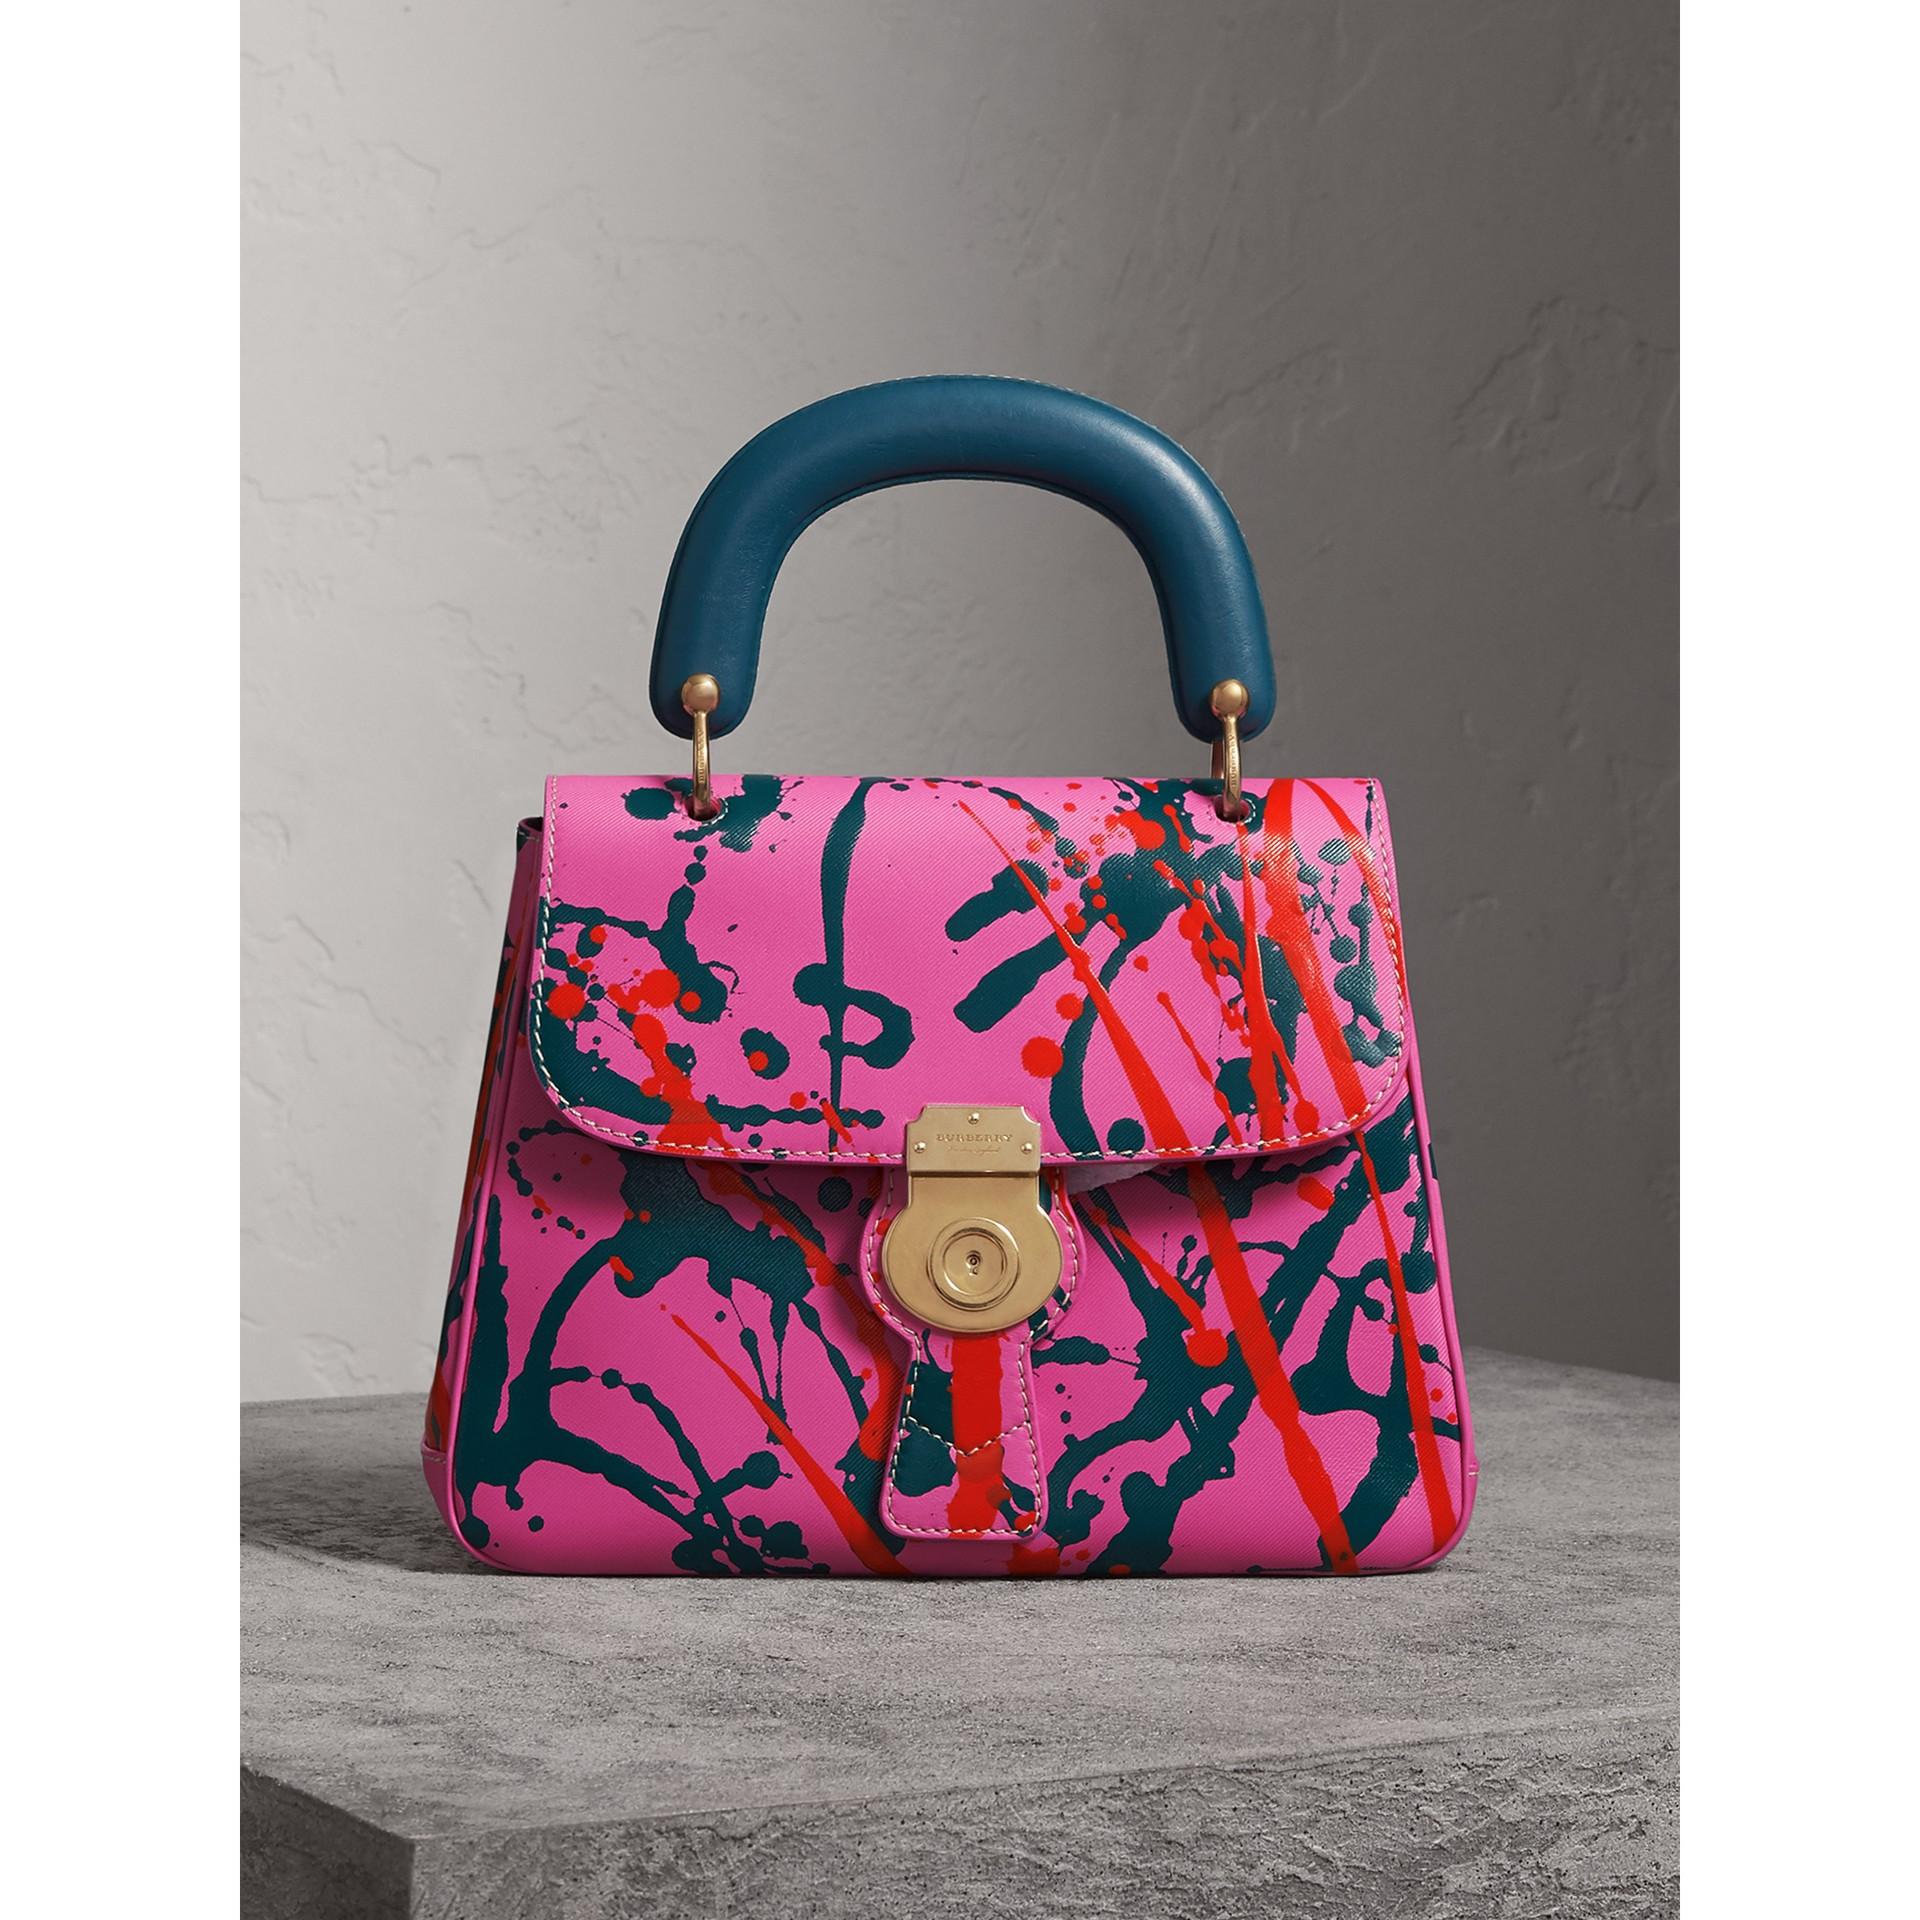 Bolsa de mão DK88 Splash - Média (Rosa Pink) - Mulheres | Burberry - galeria de imagens 1